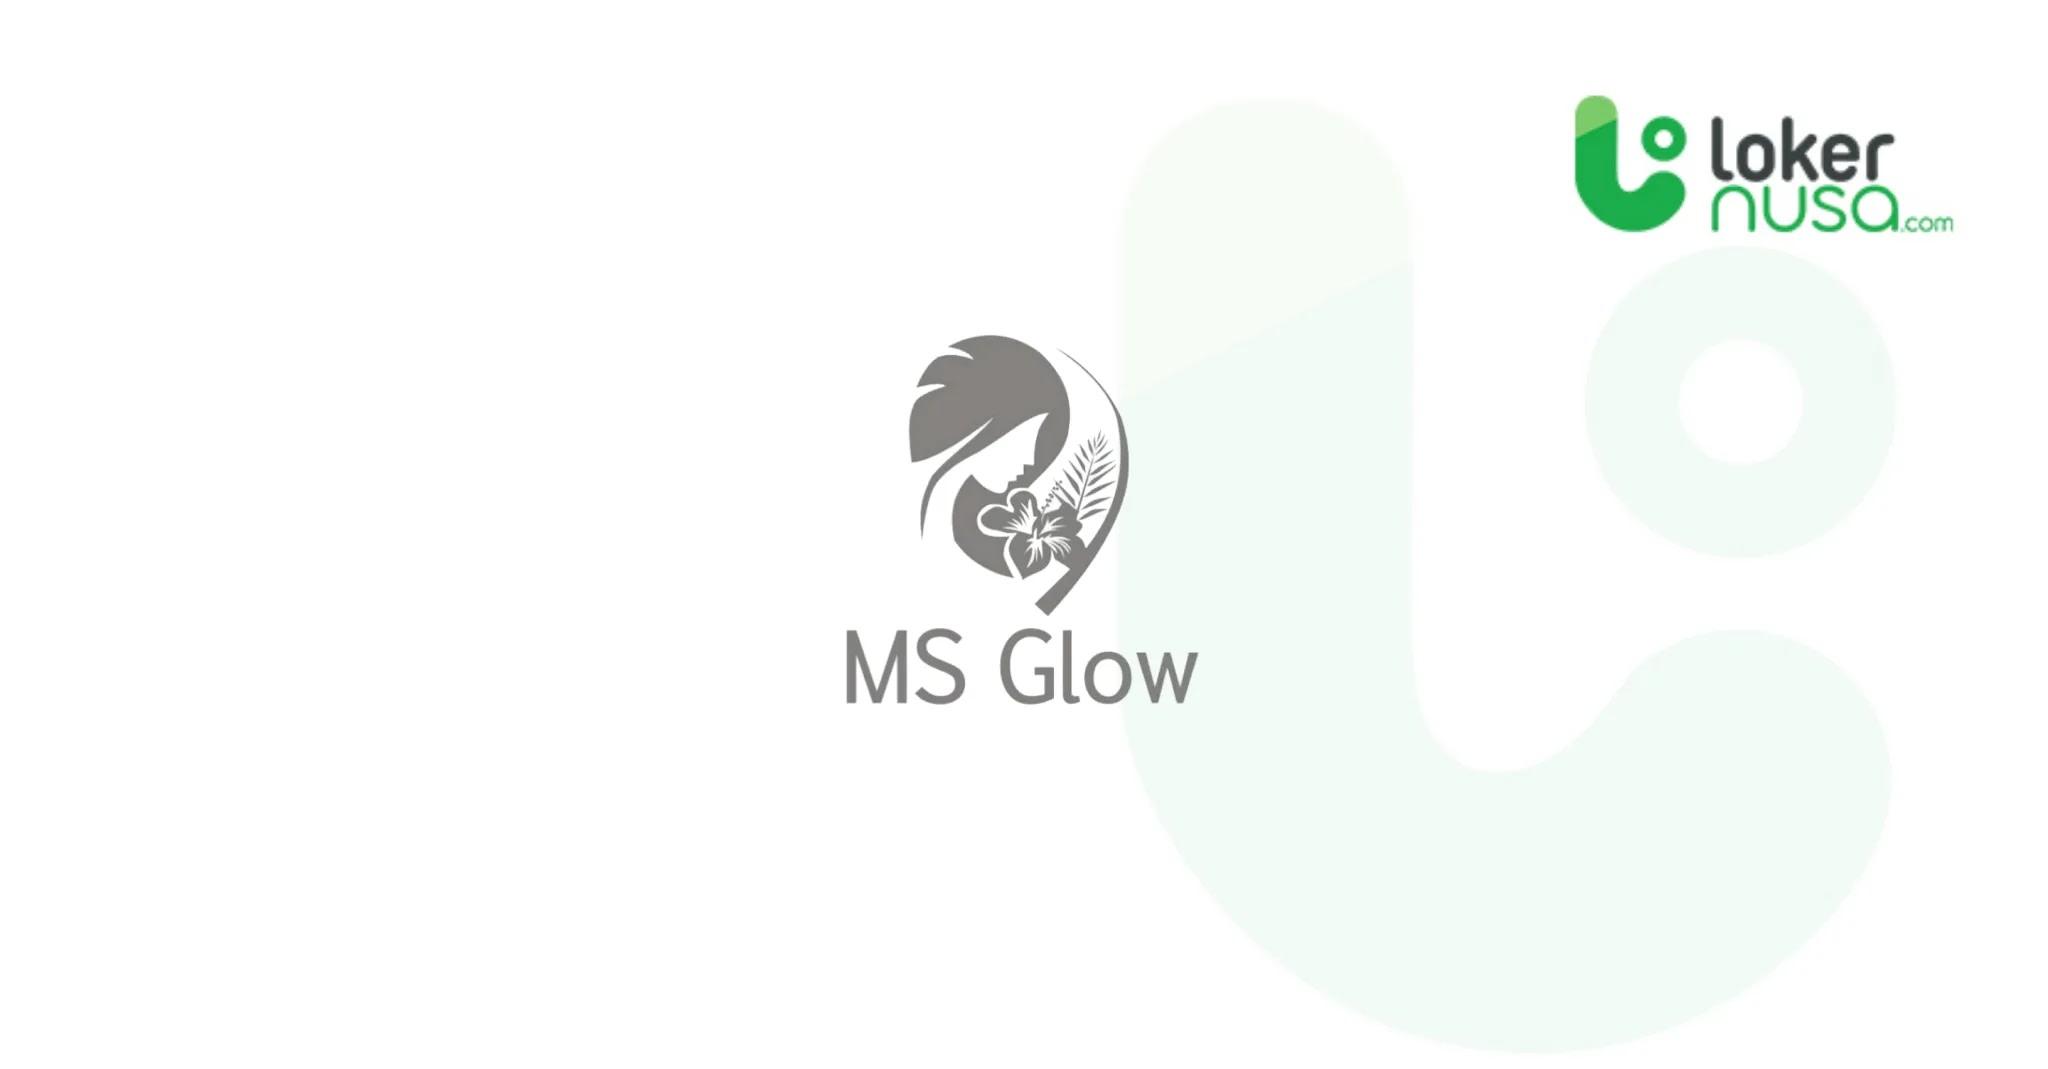 Lowongan Kerja Terbaru MS GLOW